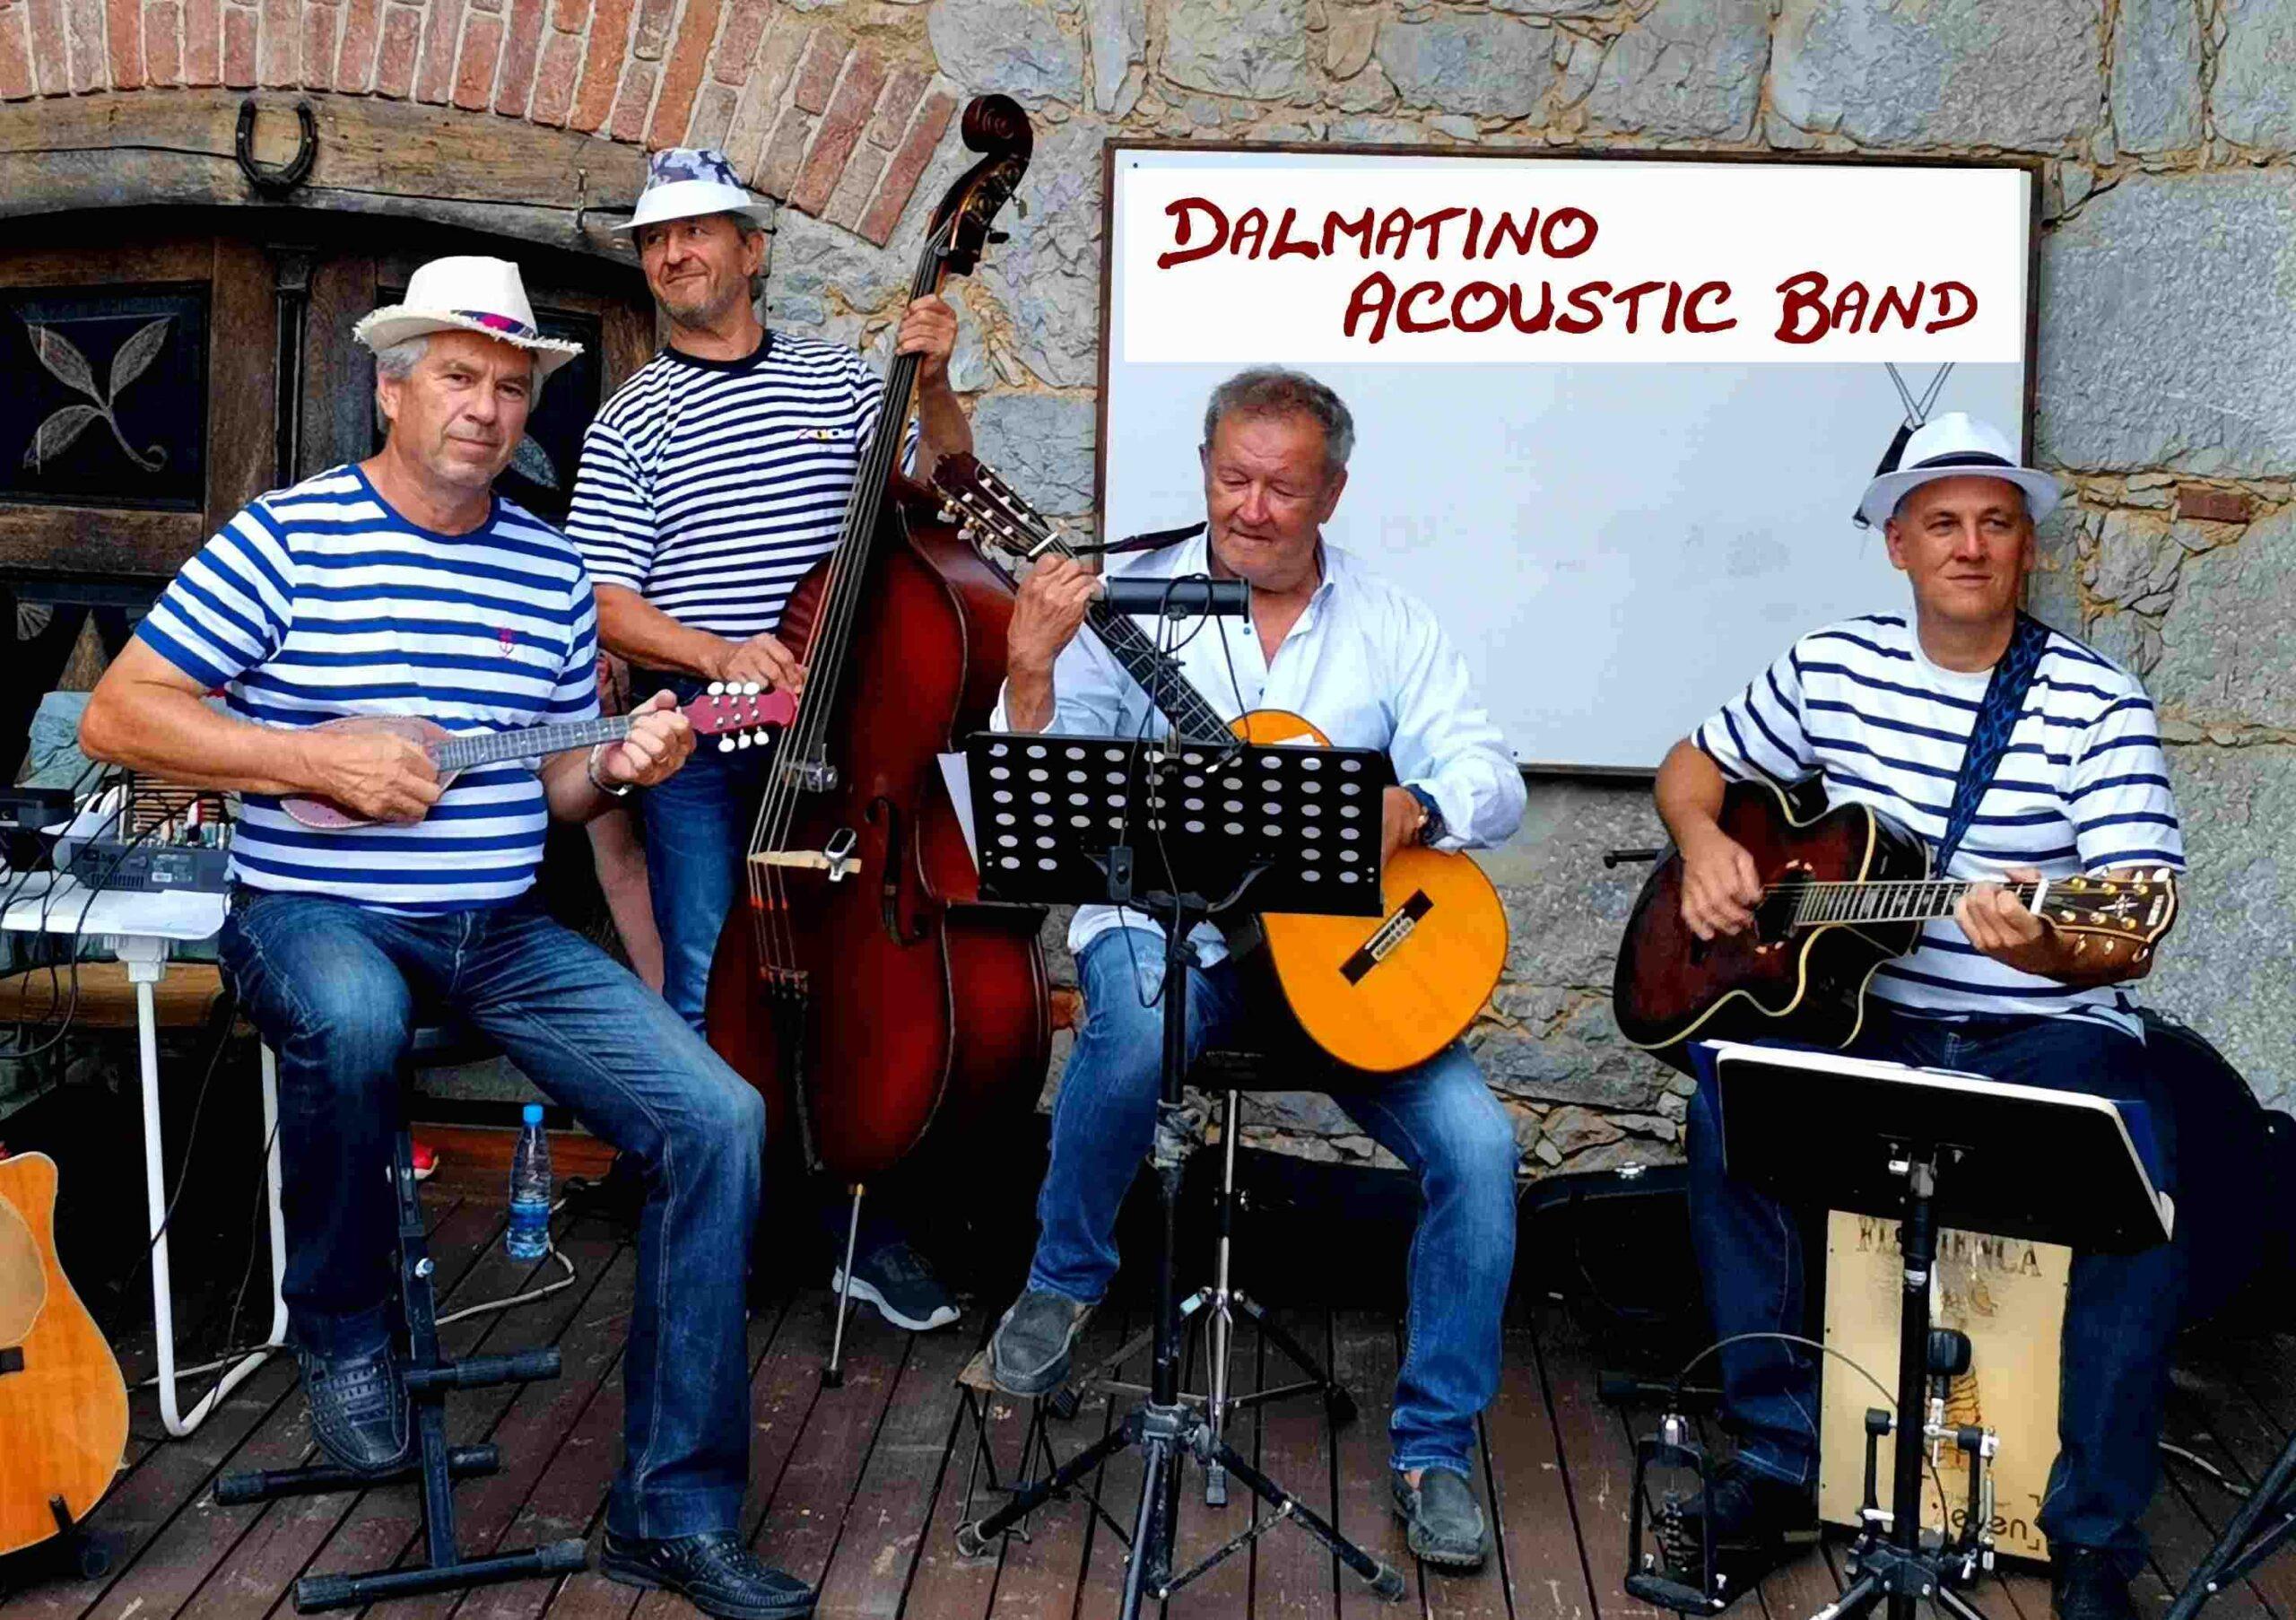 Akustična zasedba Dalmatino Acoustic band